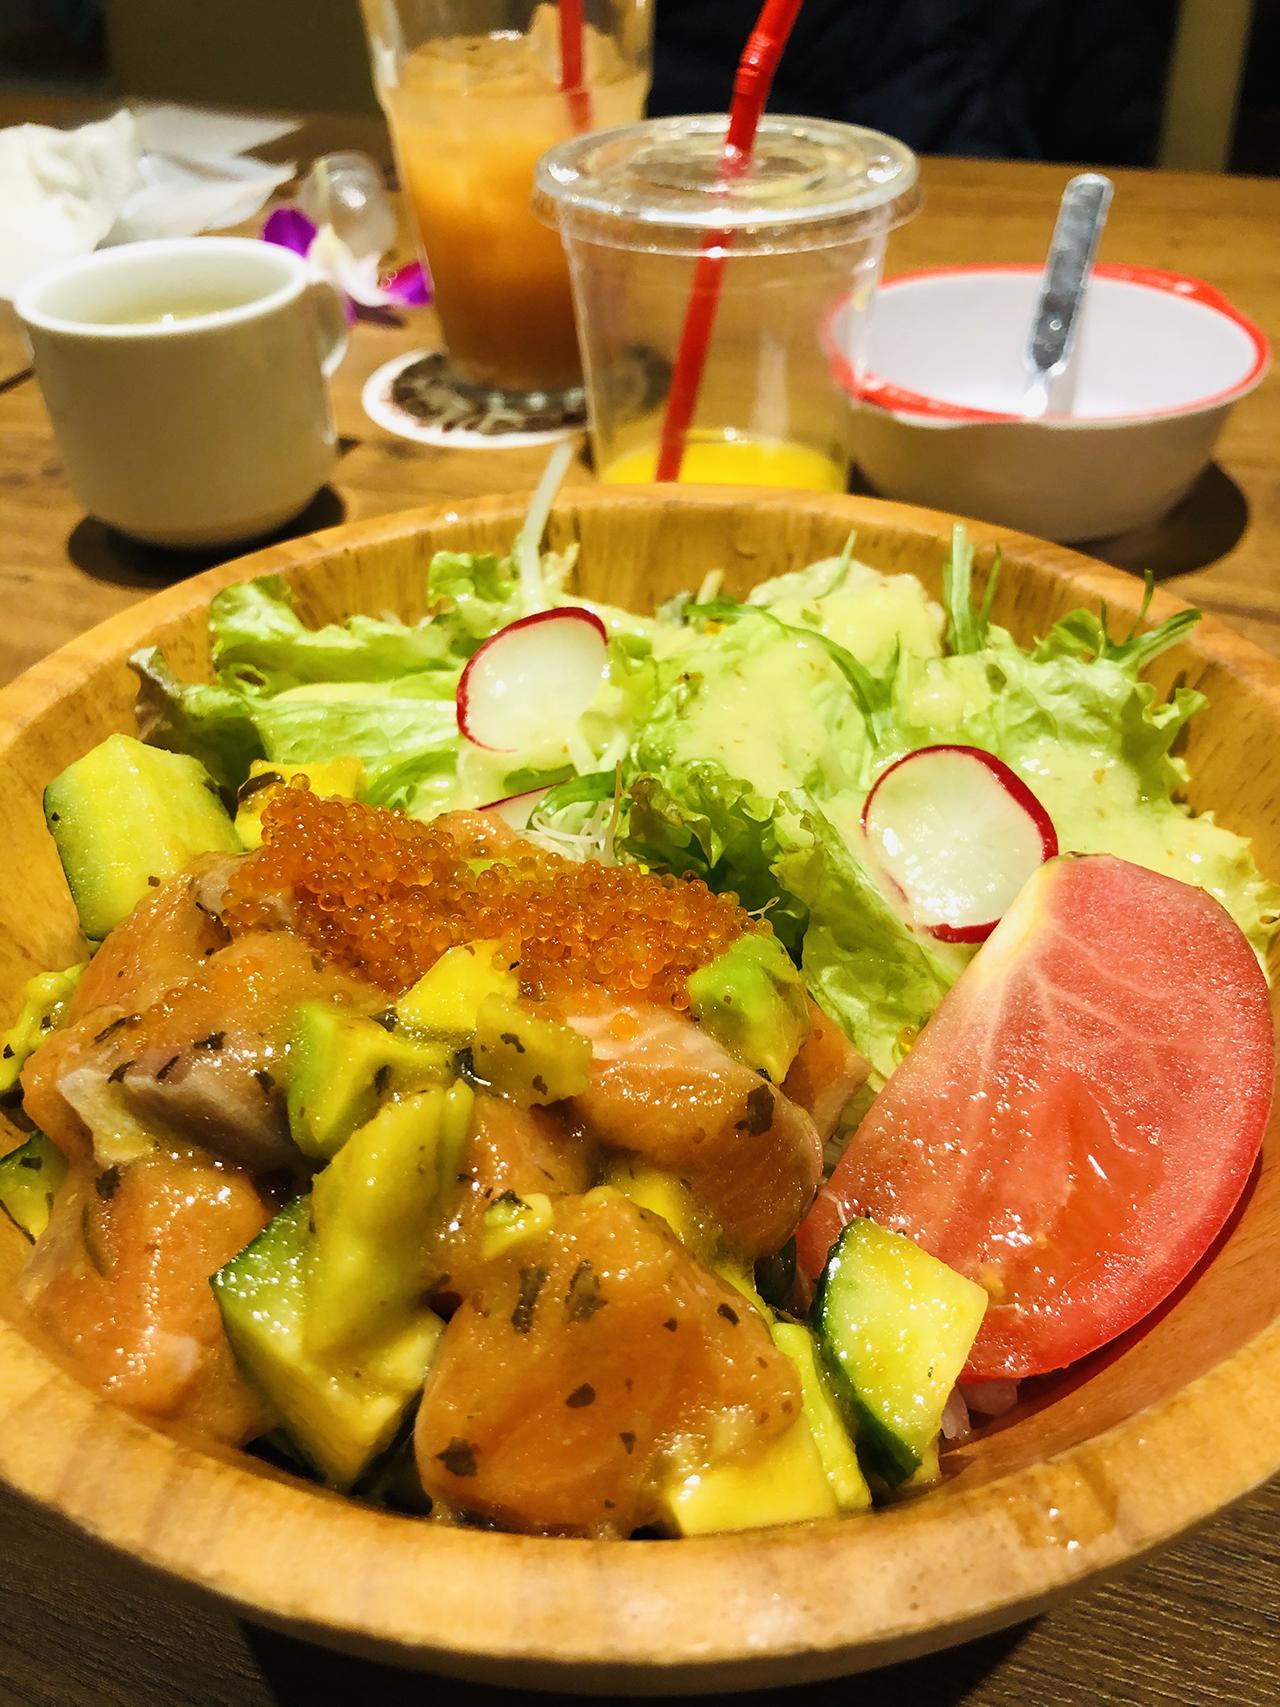 Hawaiian Food & Kona Beer KauKau(ハワイアンフード&コナビール カウカウ)そごう千葉店の投稿写真9